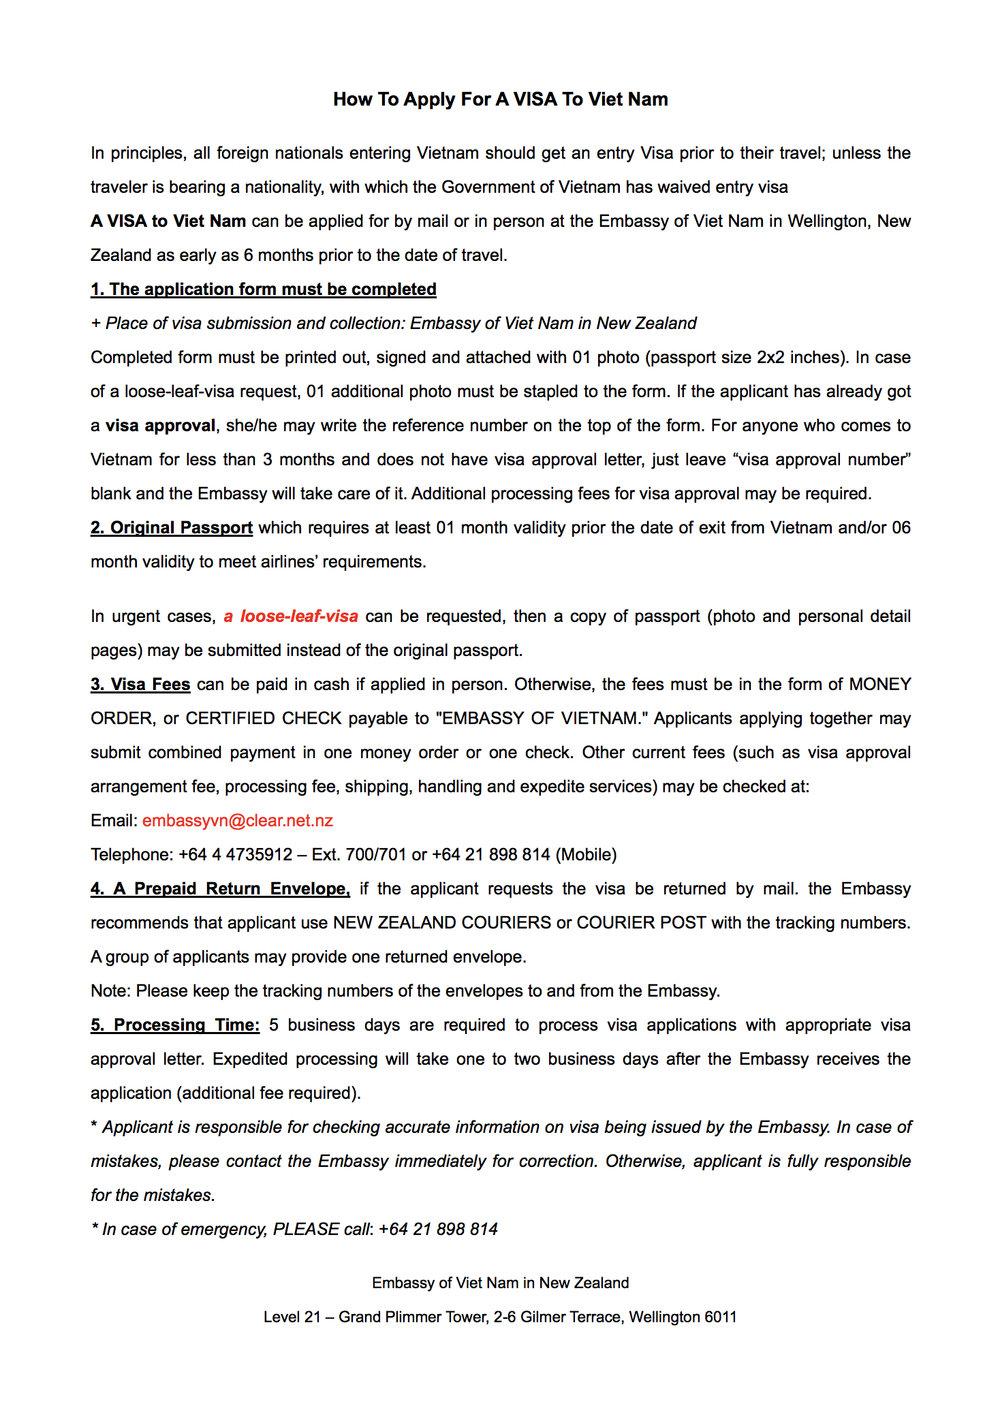 Visa VietNam Rules.jpg